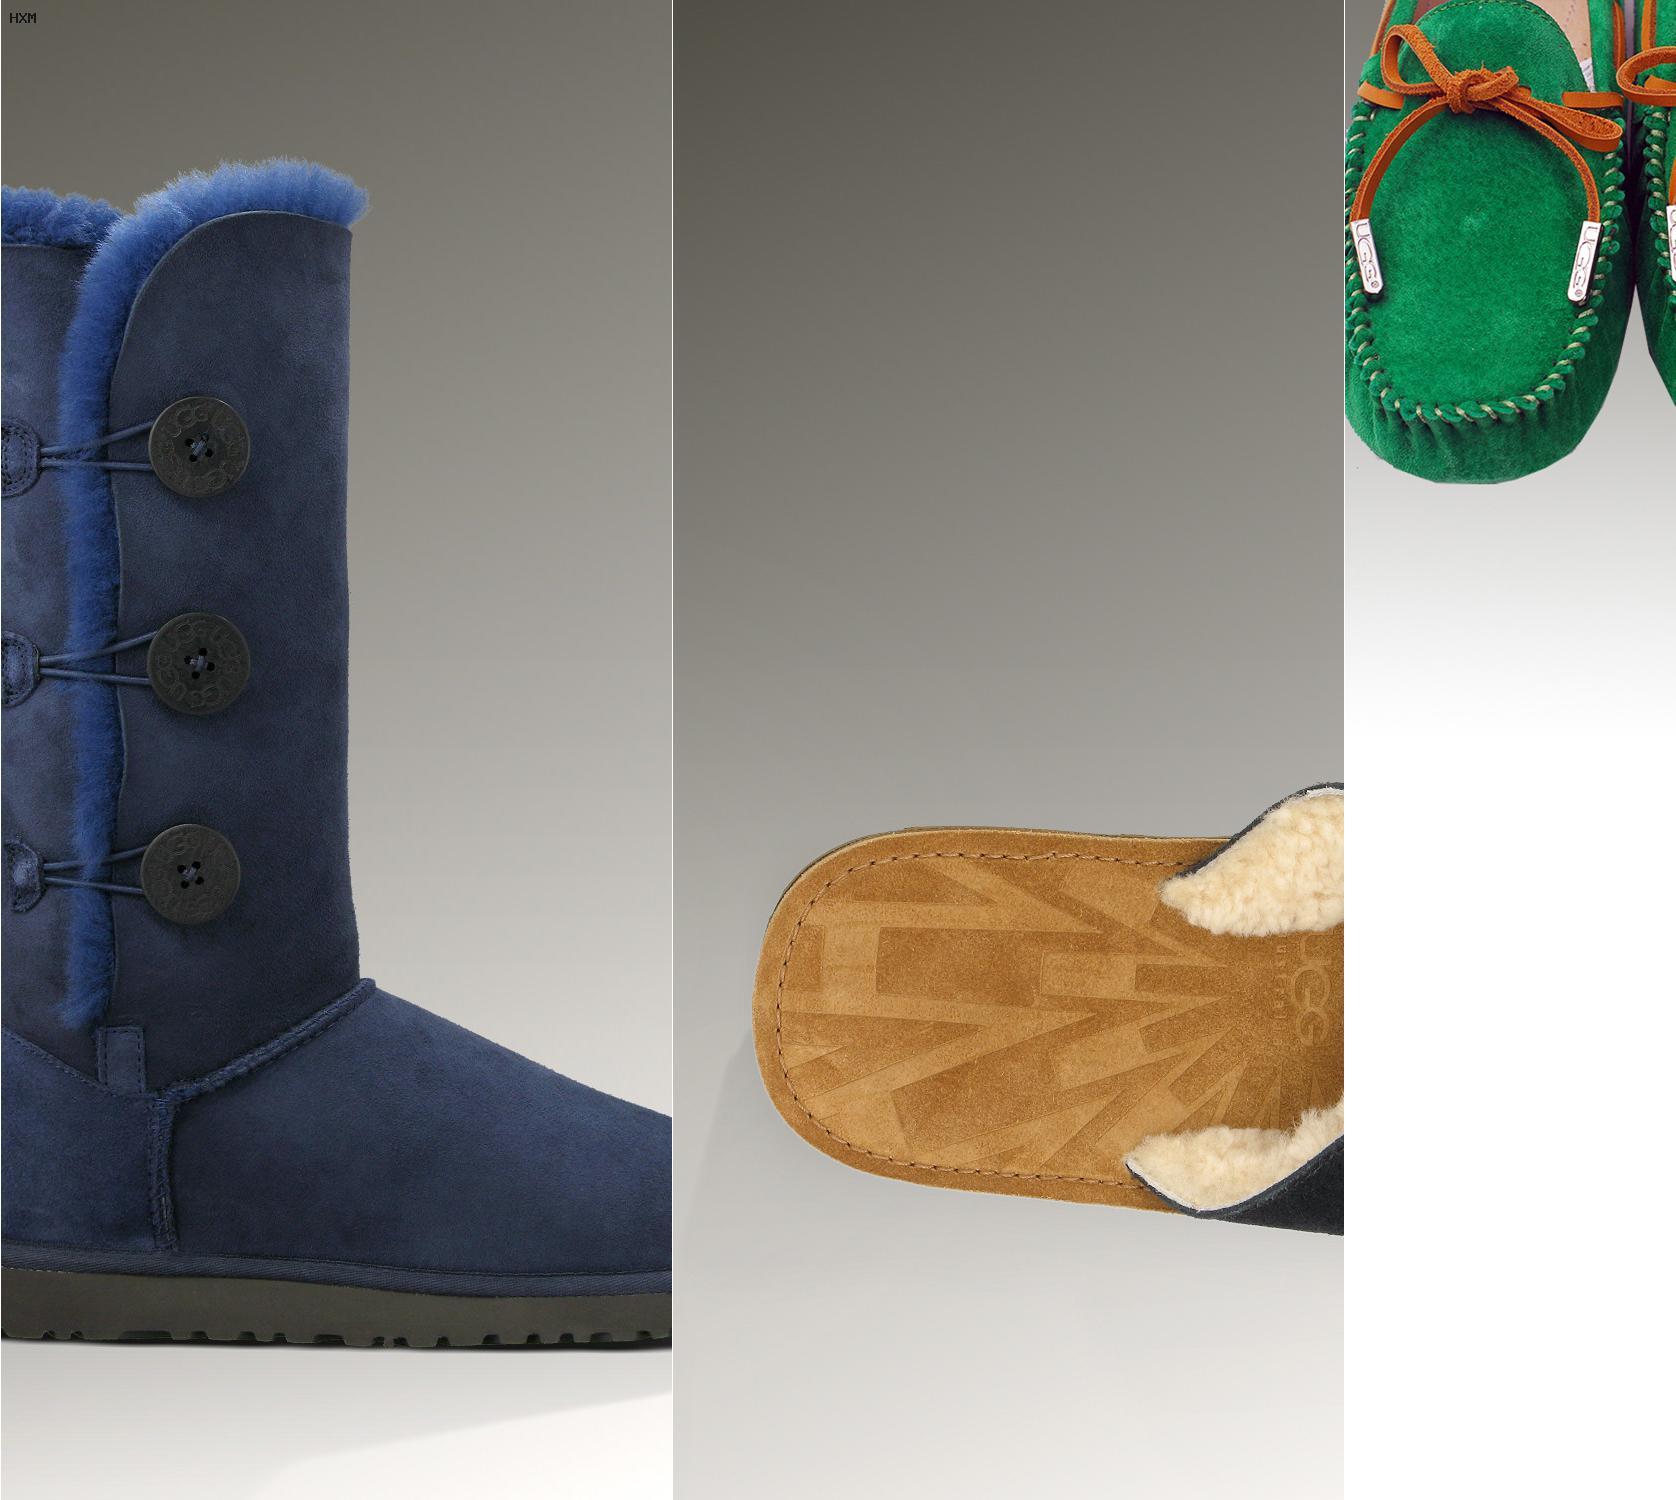 las botas ugg son para la nieve